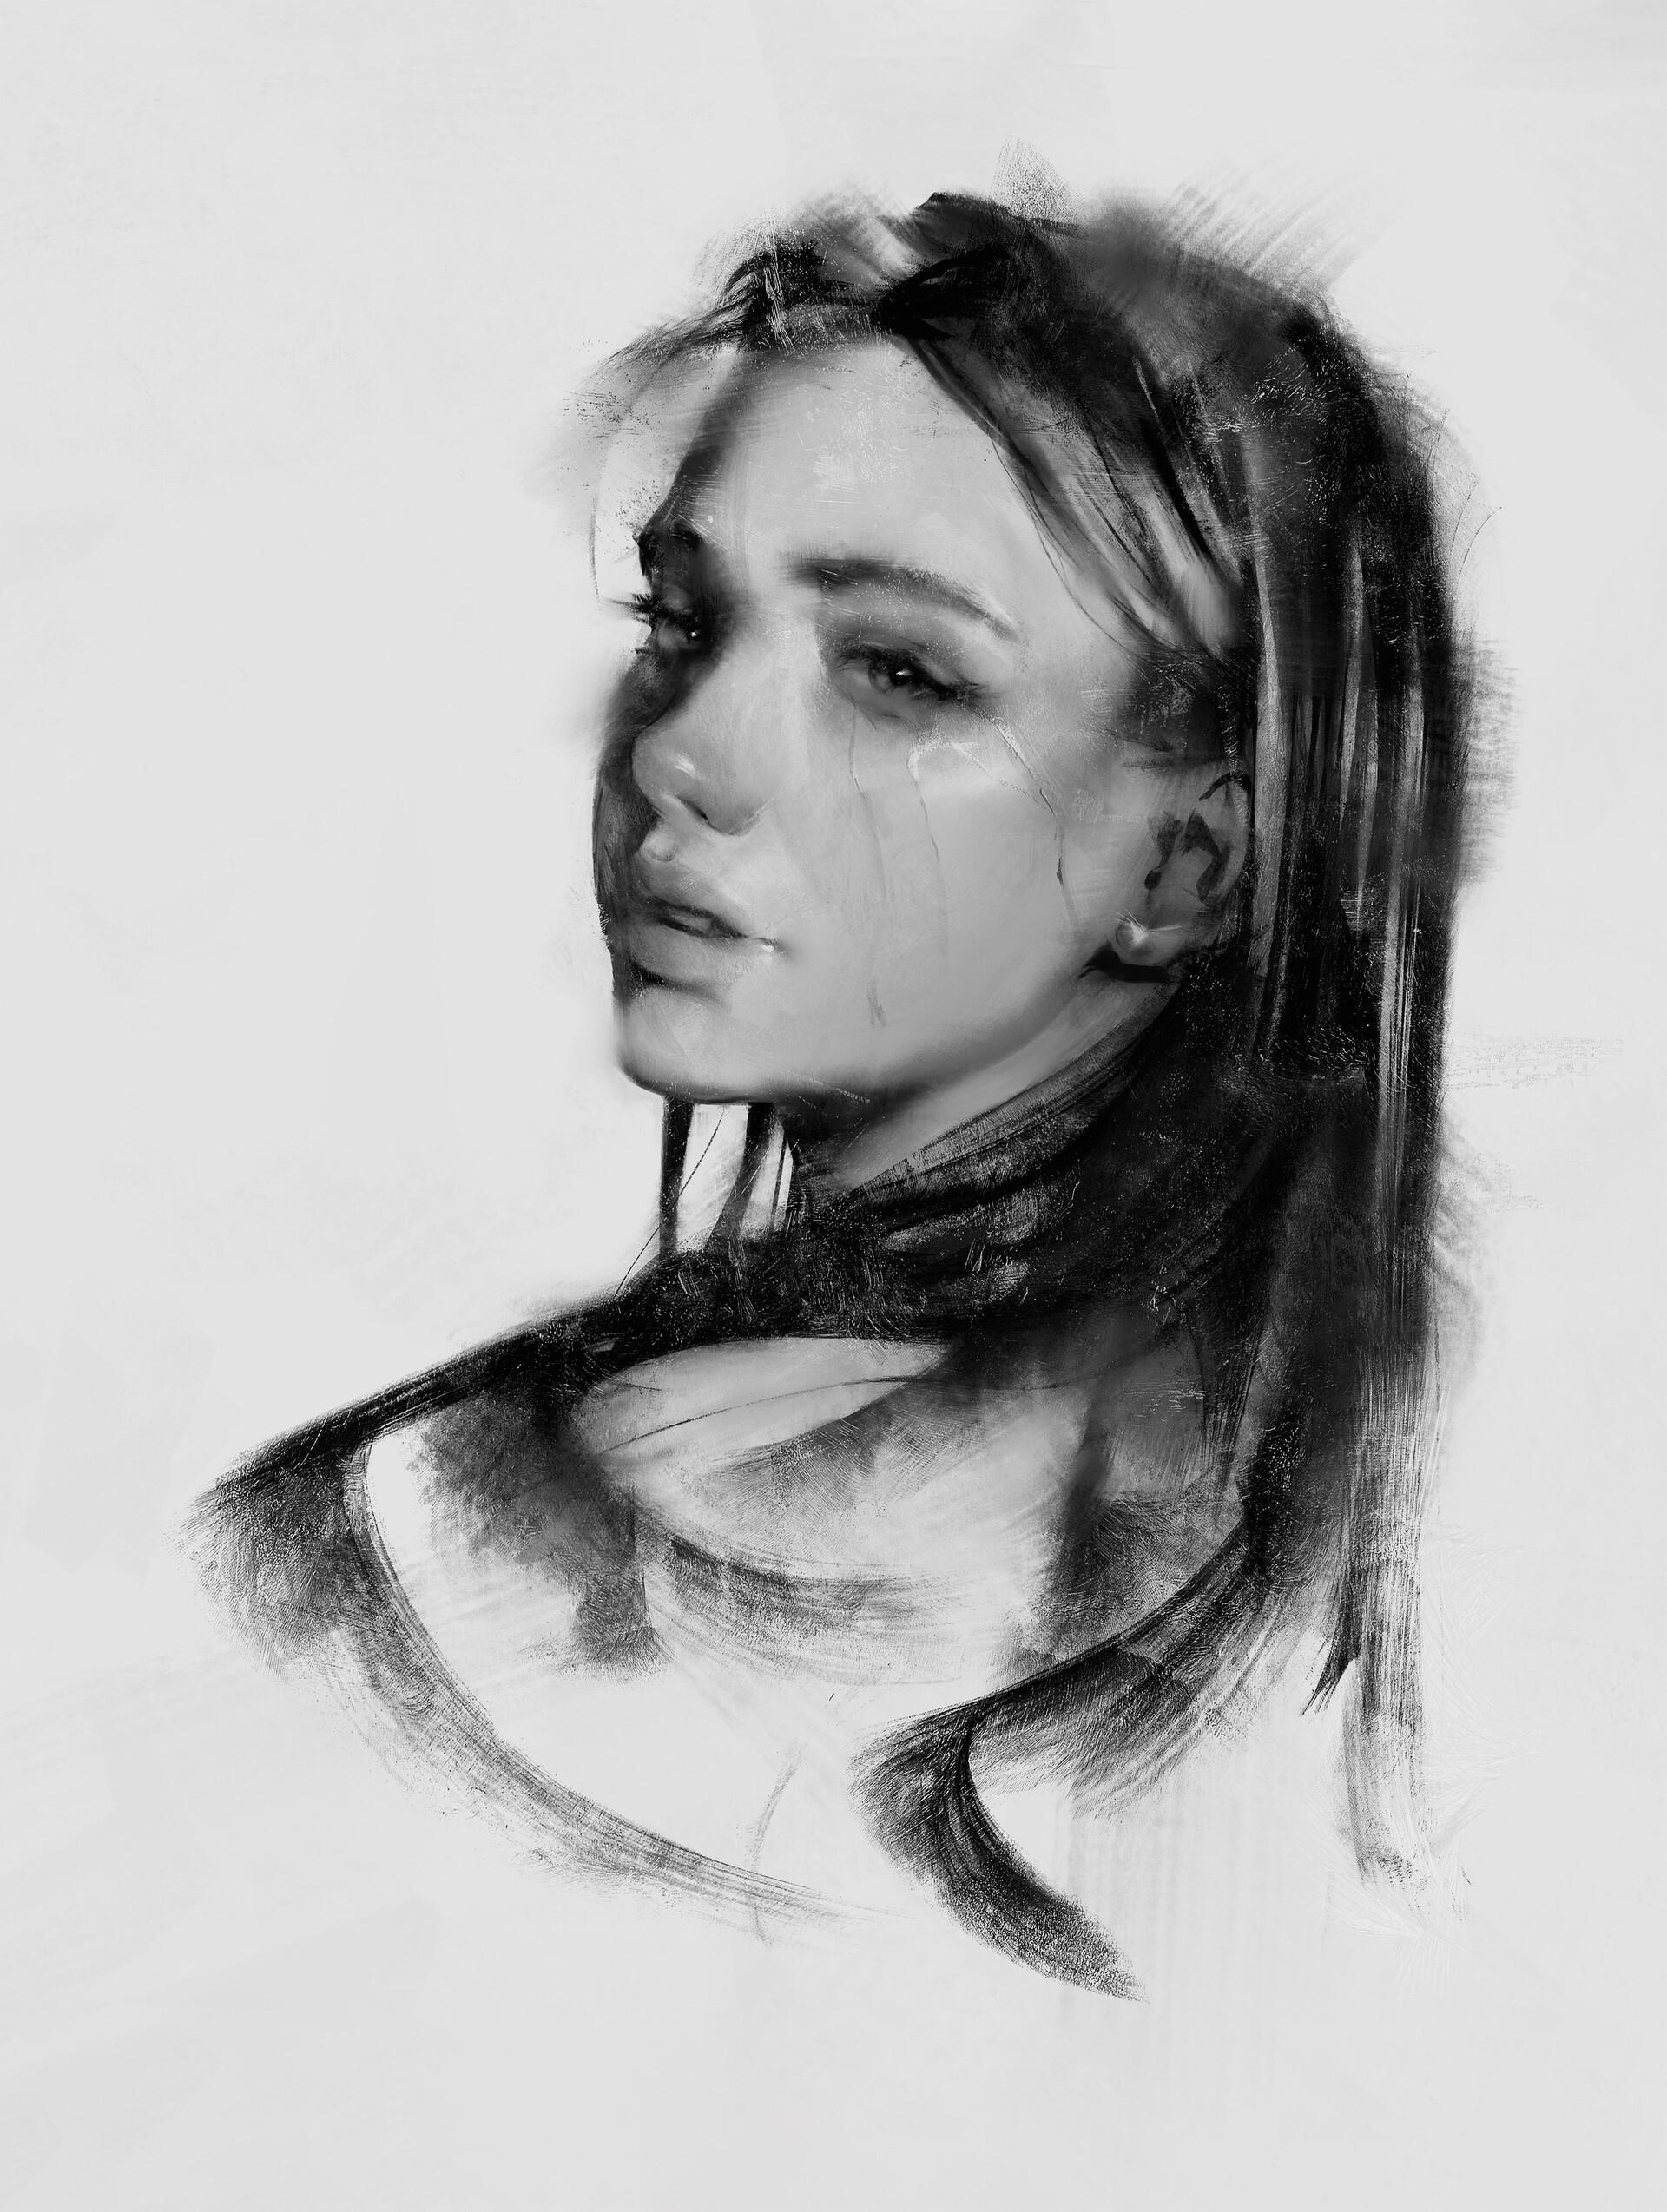 Wojtek fus untitledportrait